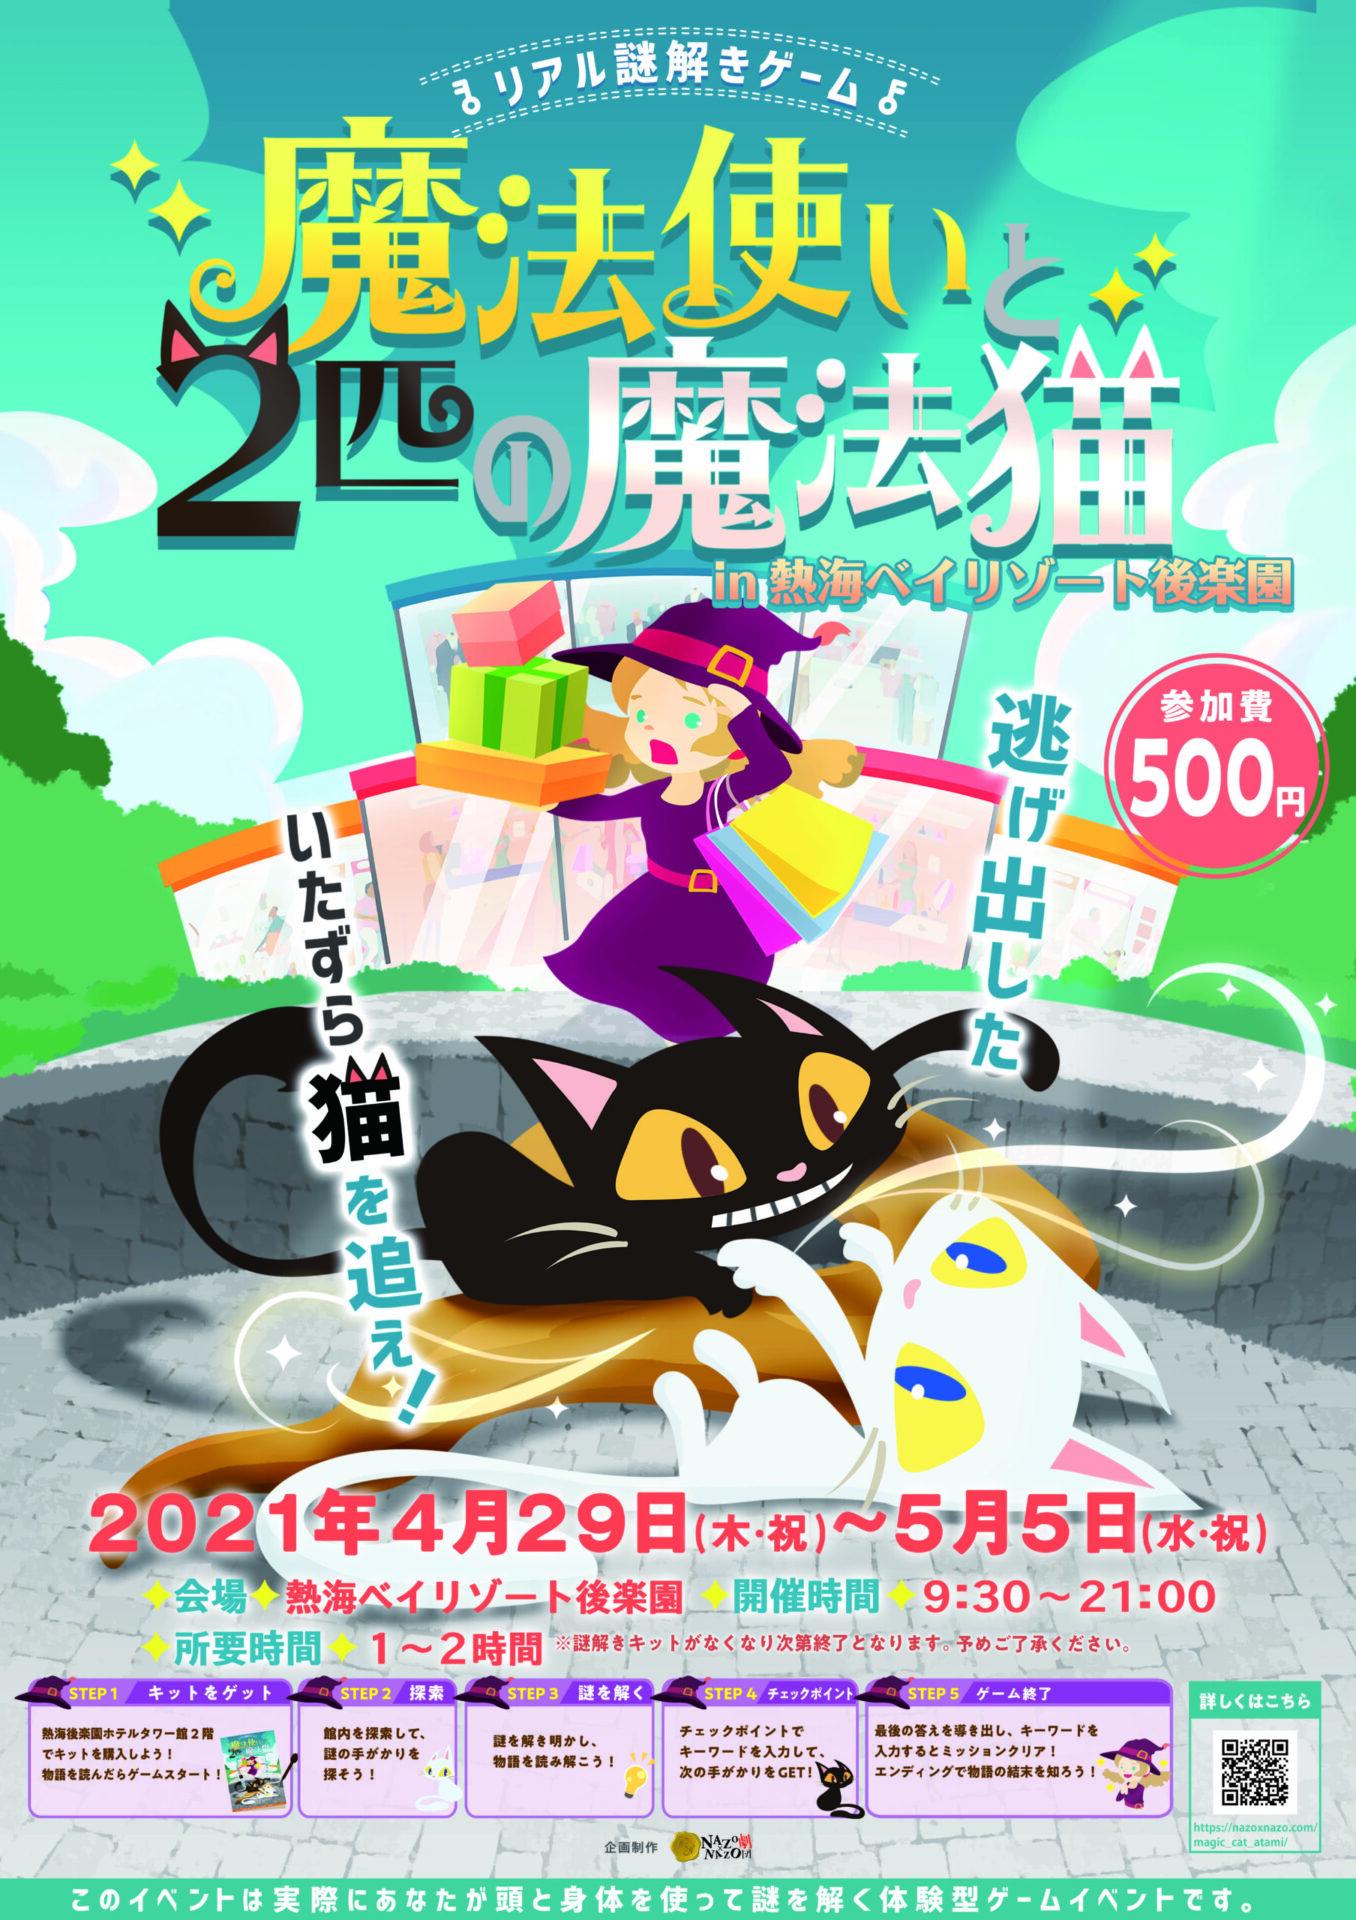 リアル謎解きゲーム『魔法使いと2匹の魔法猫』(静岡)